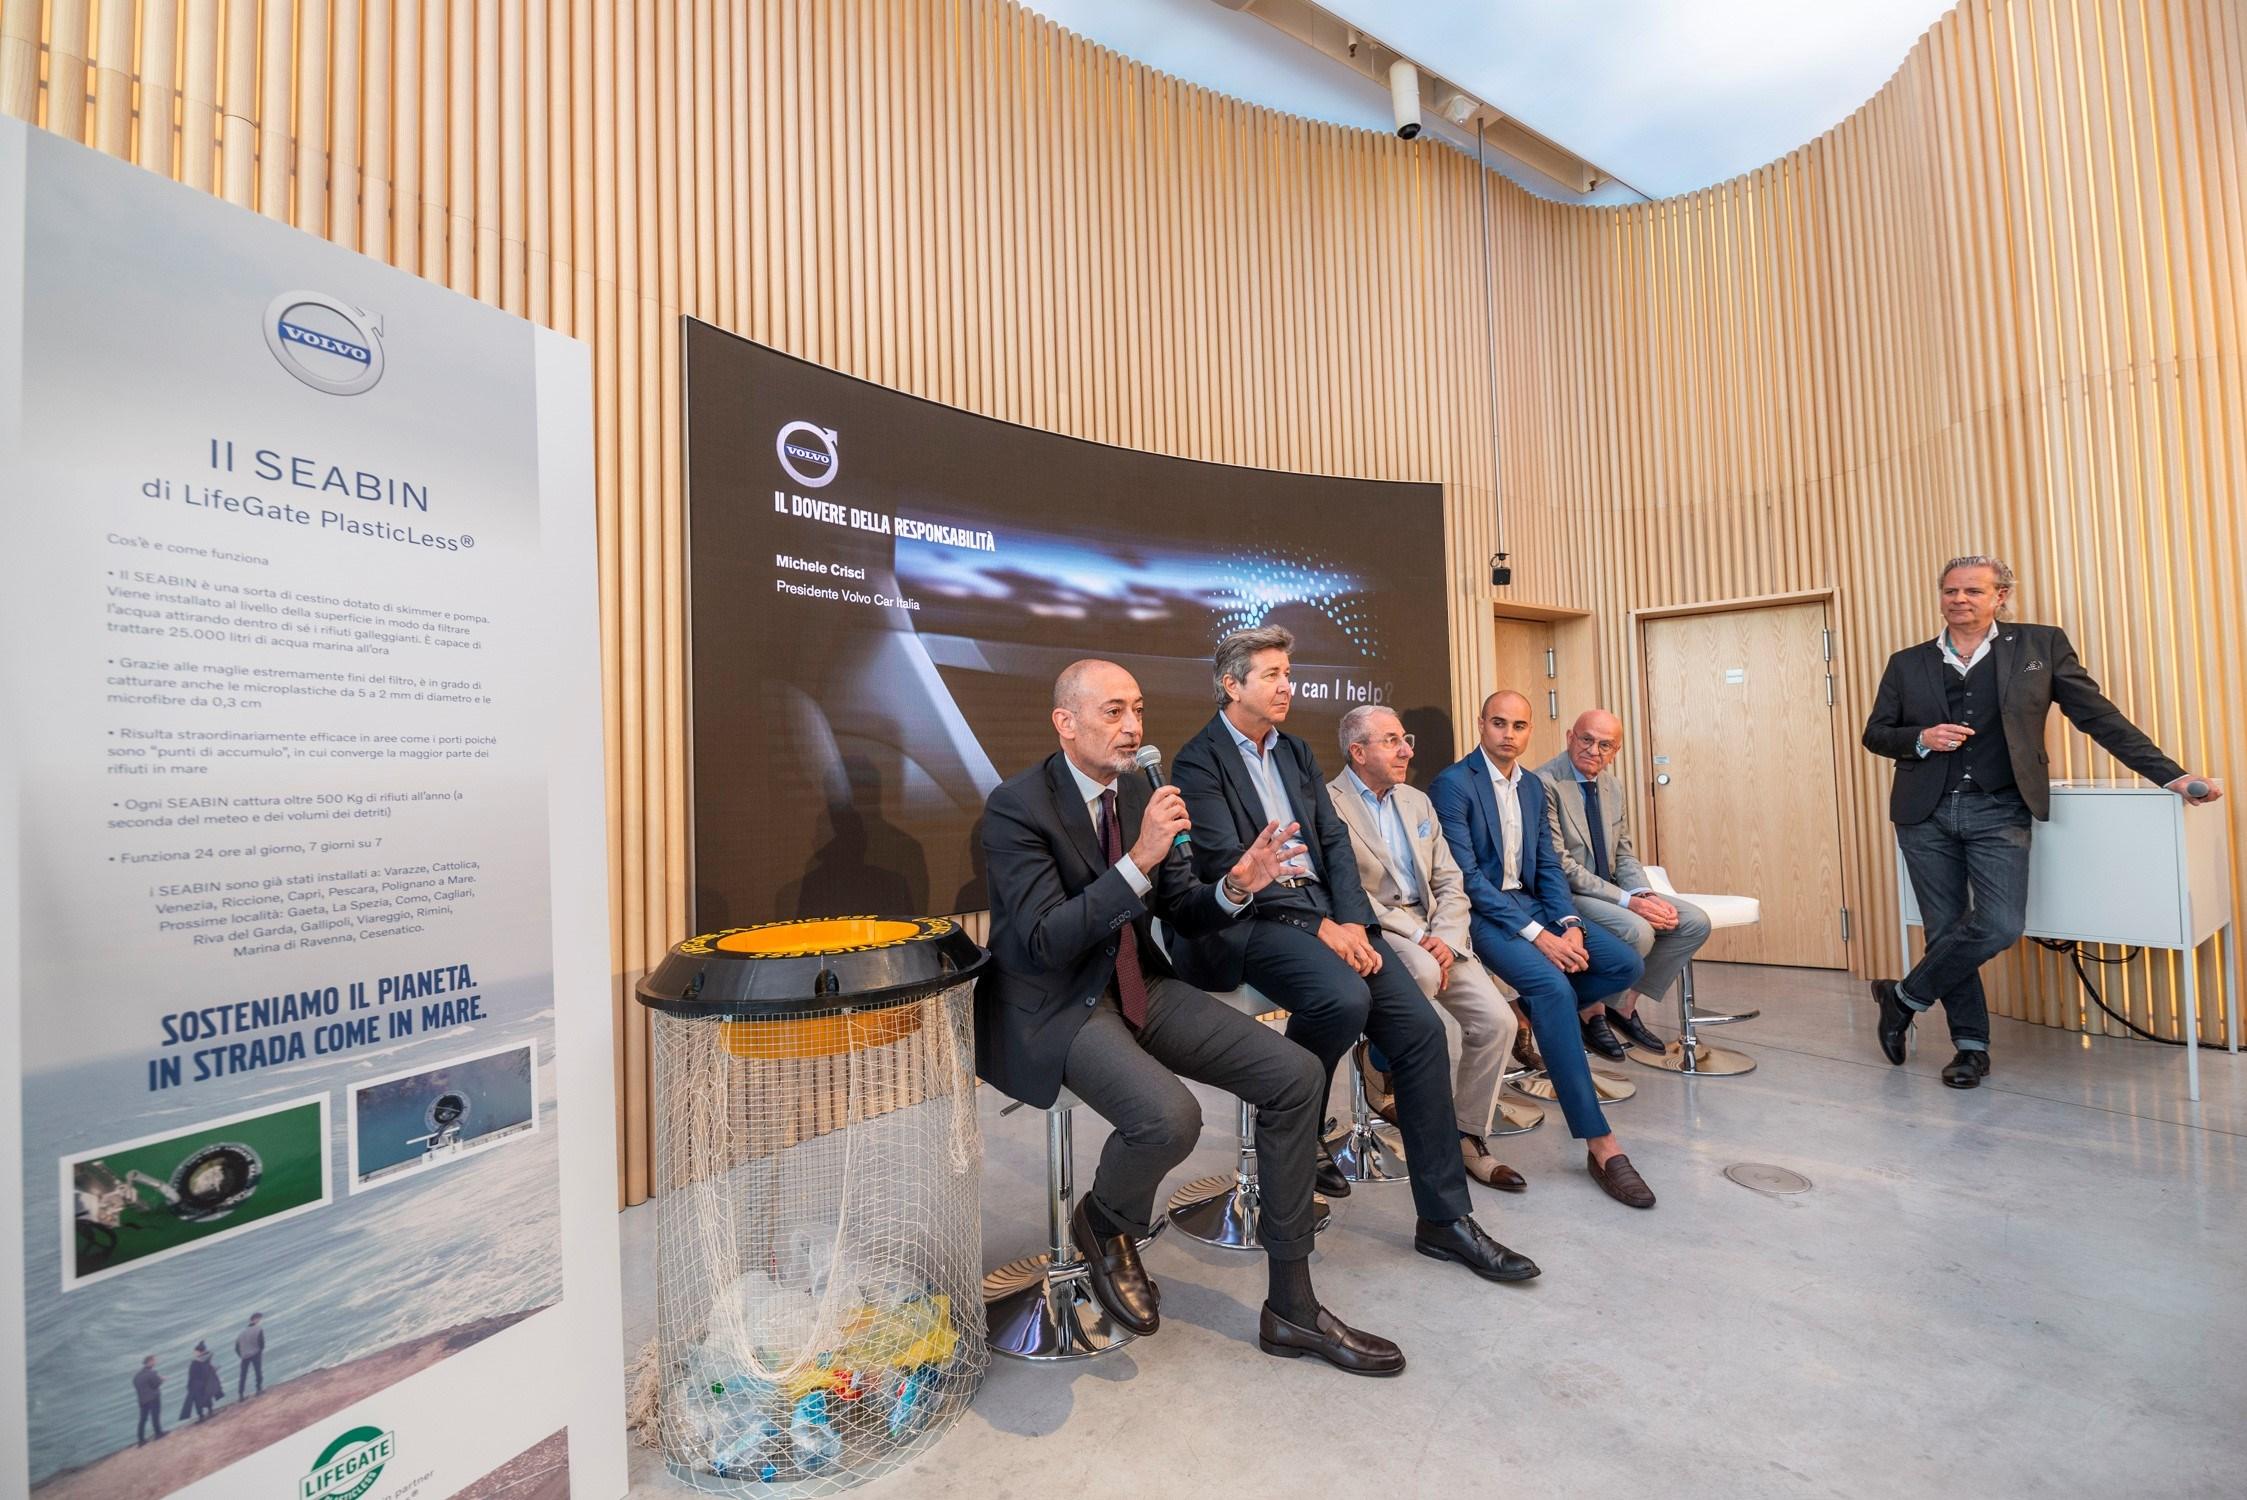 Volvo Studio Milano presenta il progetto PlasticLess 2019